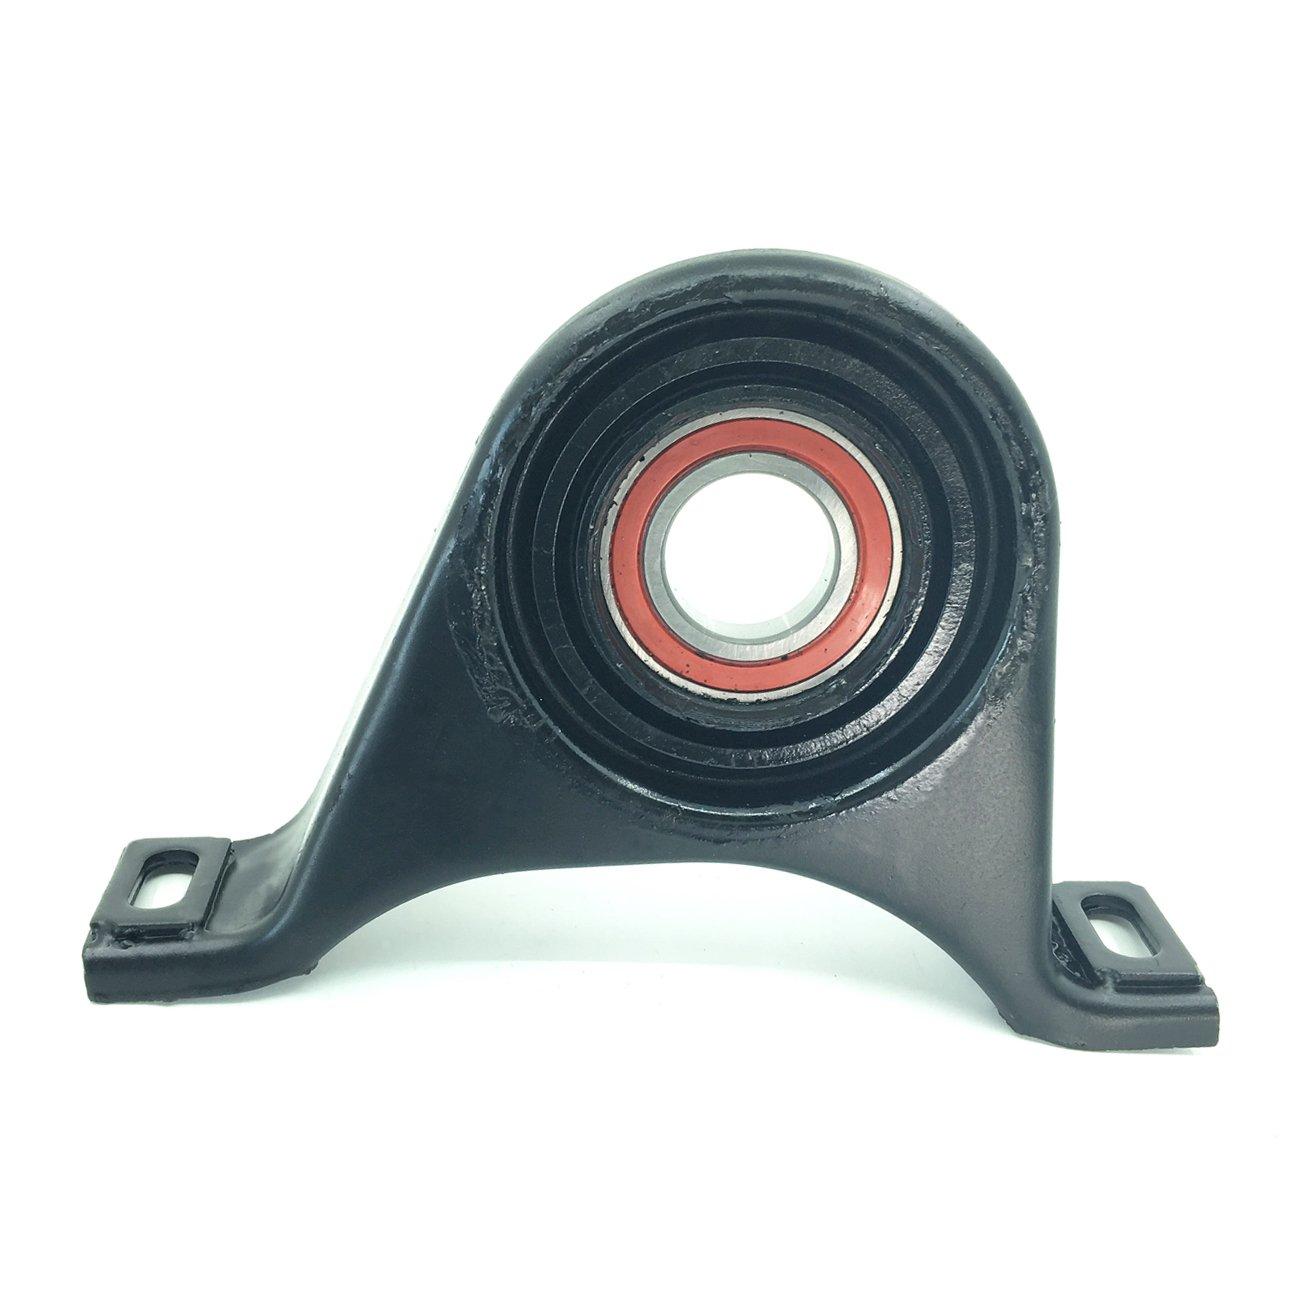 SKP SKM6067 Drive Shaft Center Support